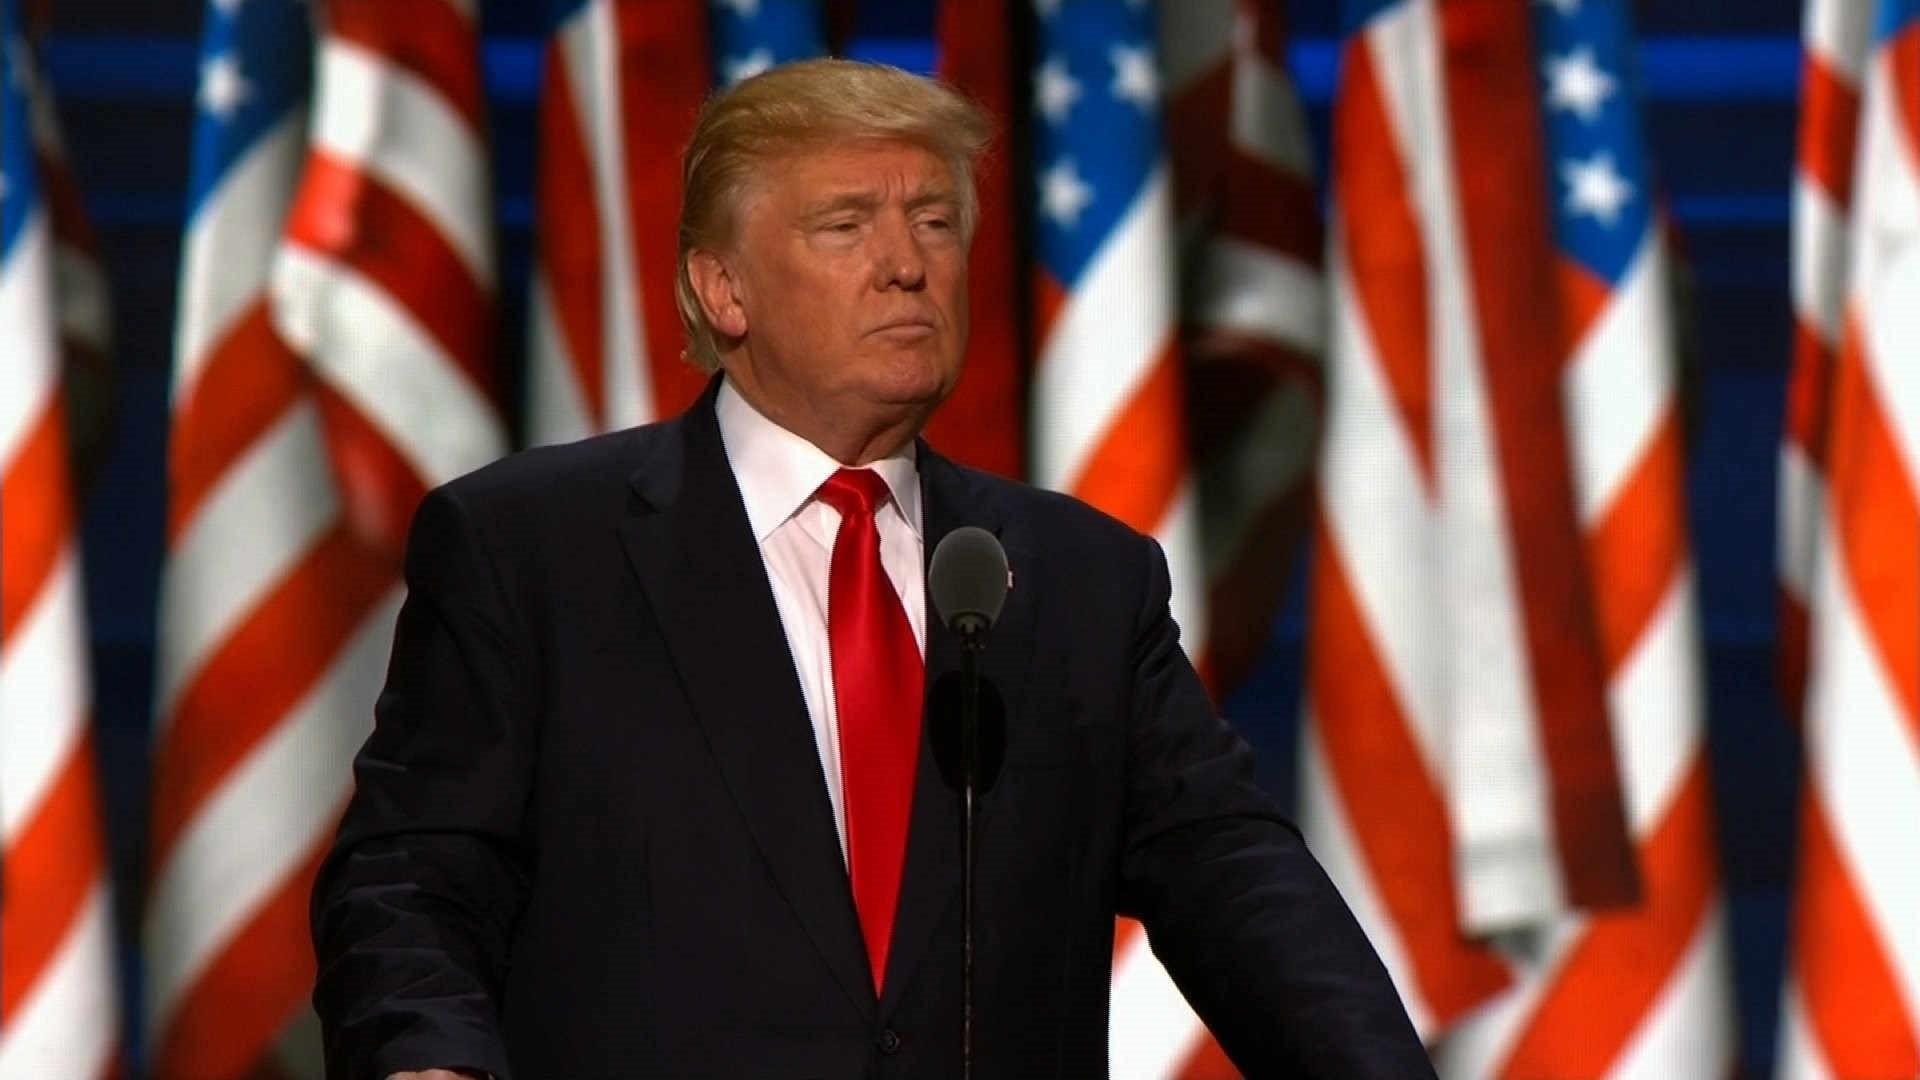 Donald Trump HD Wallpaper